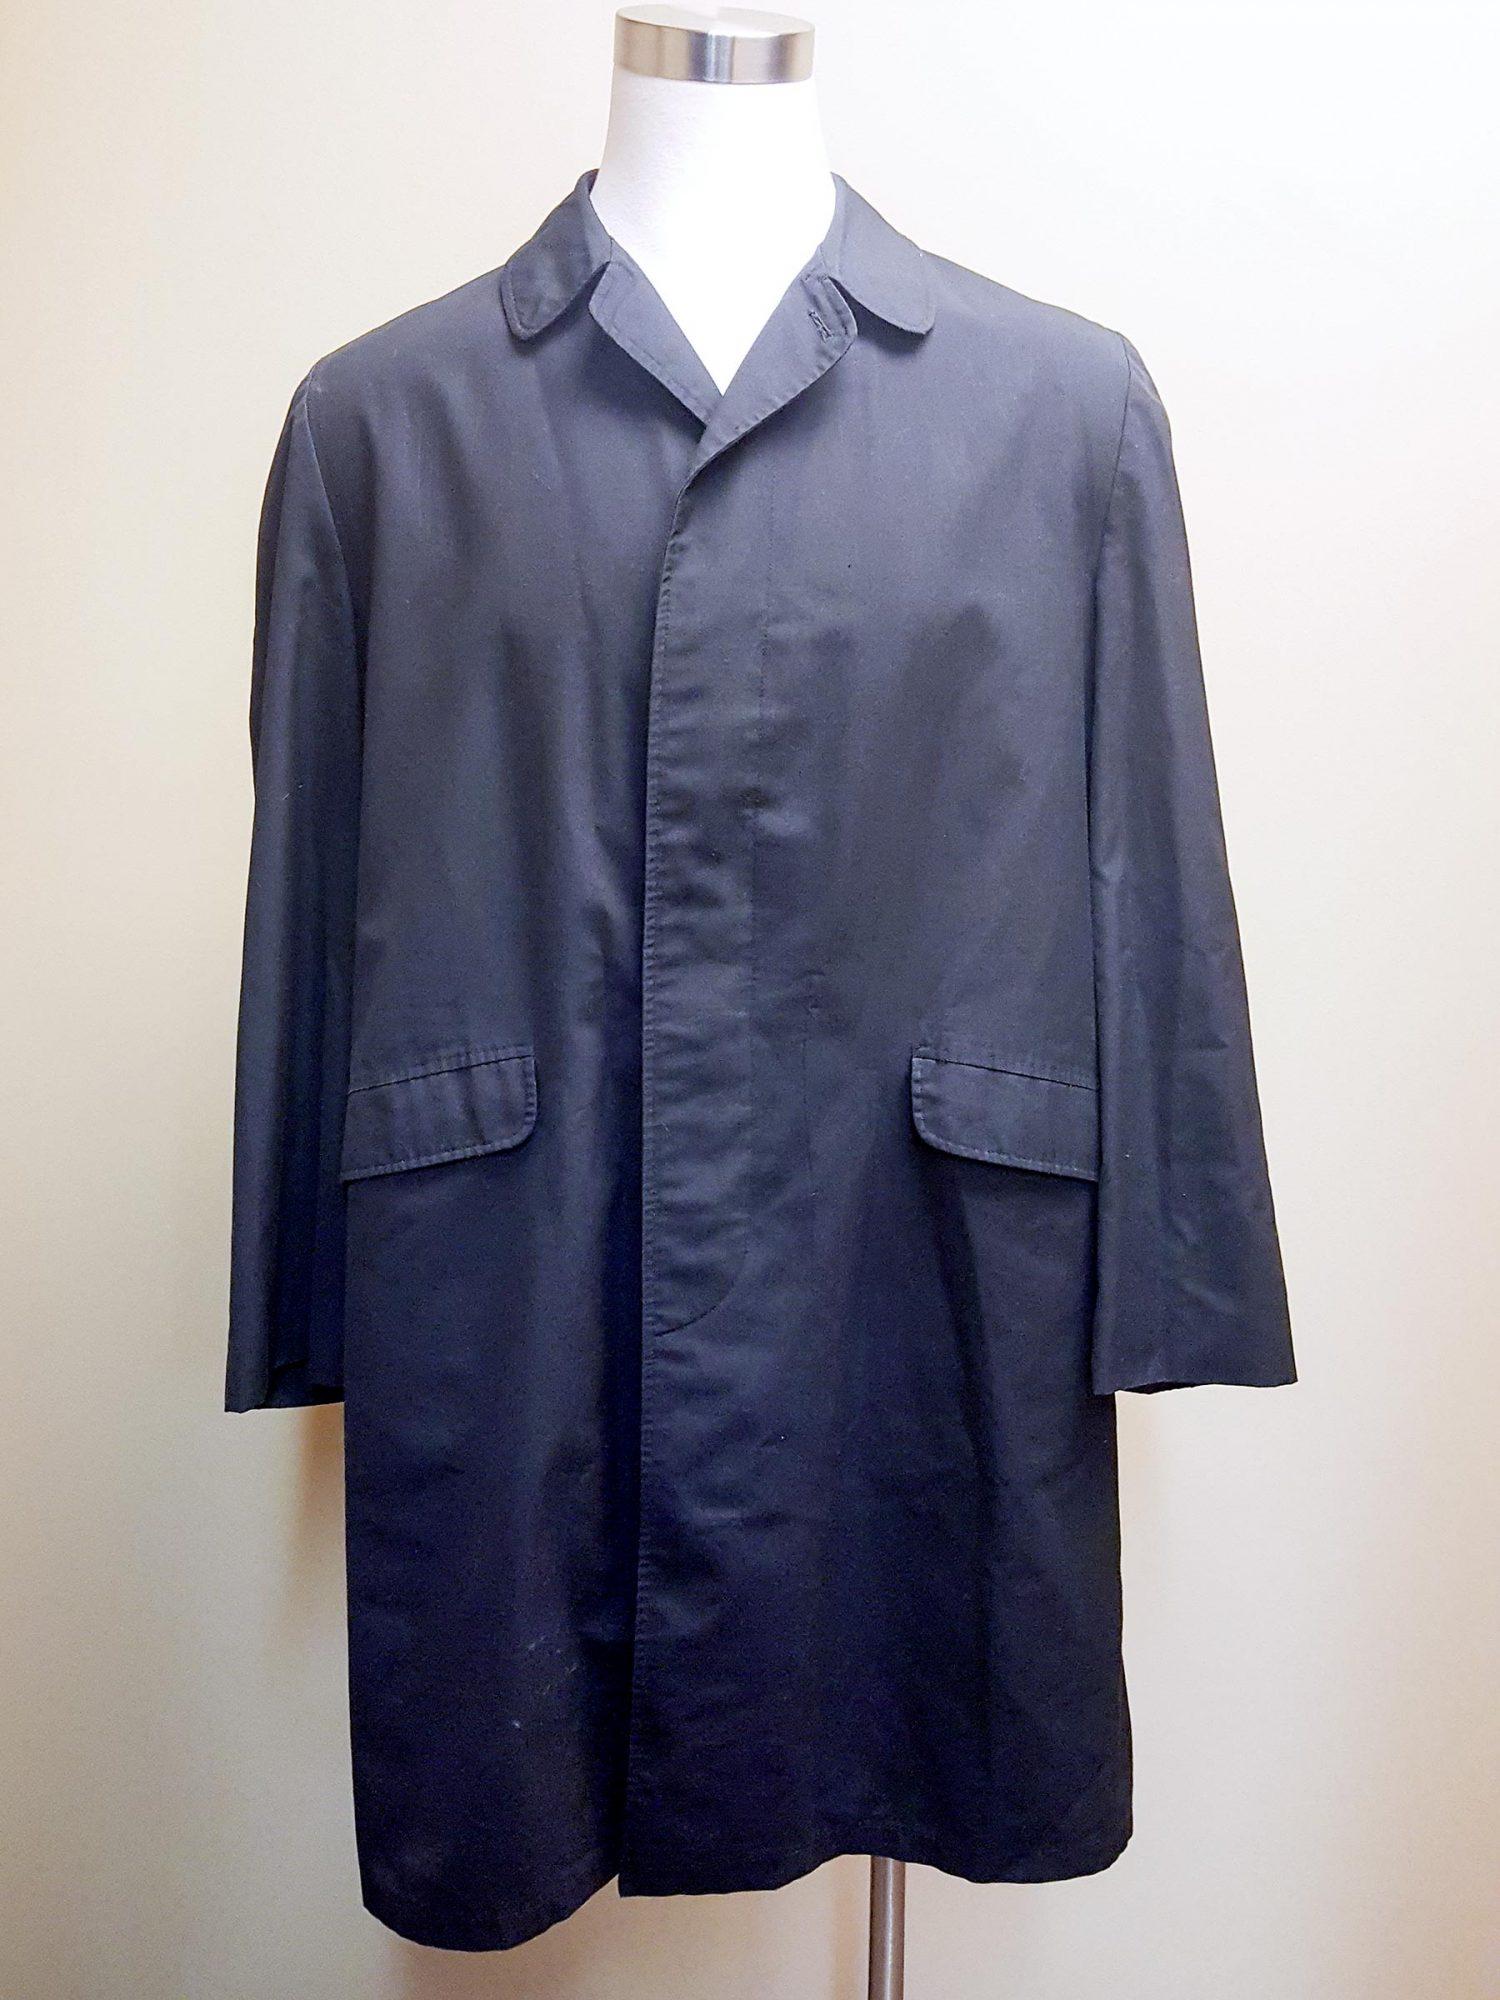 Lenny-Bruce-Trench-Coat